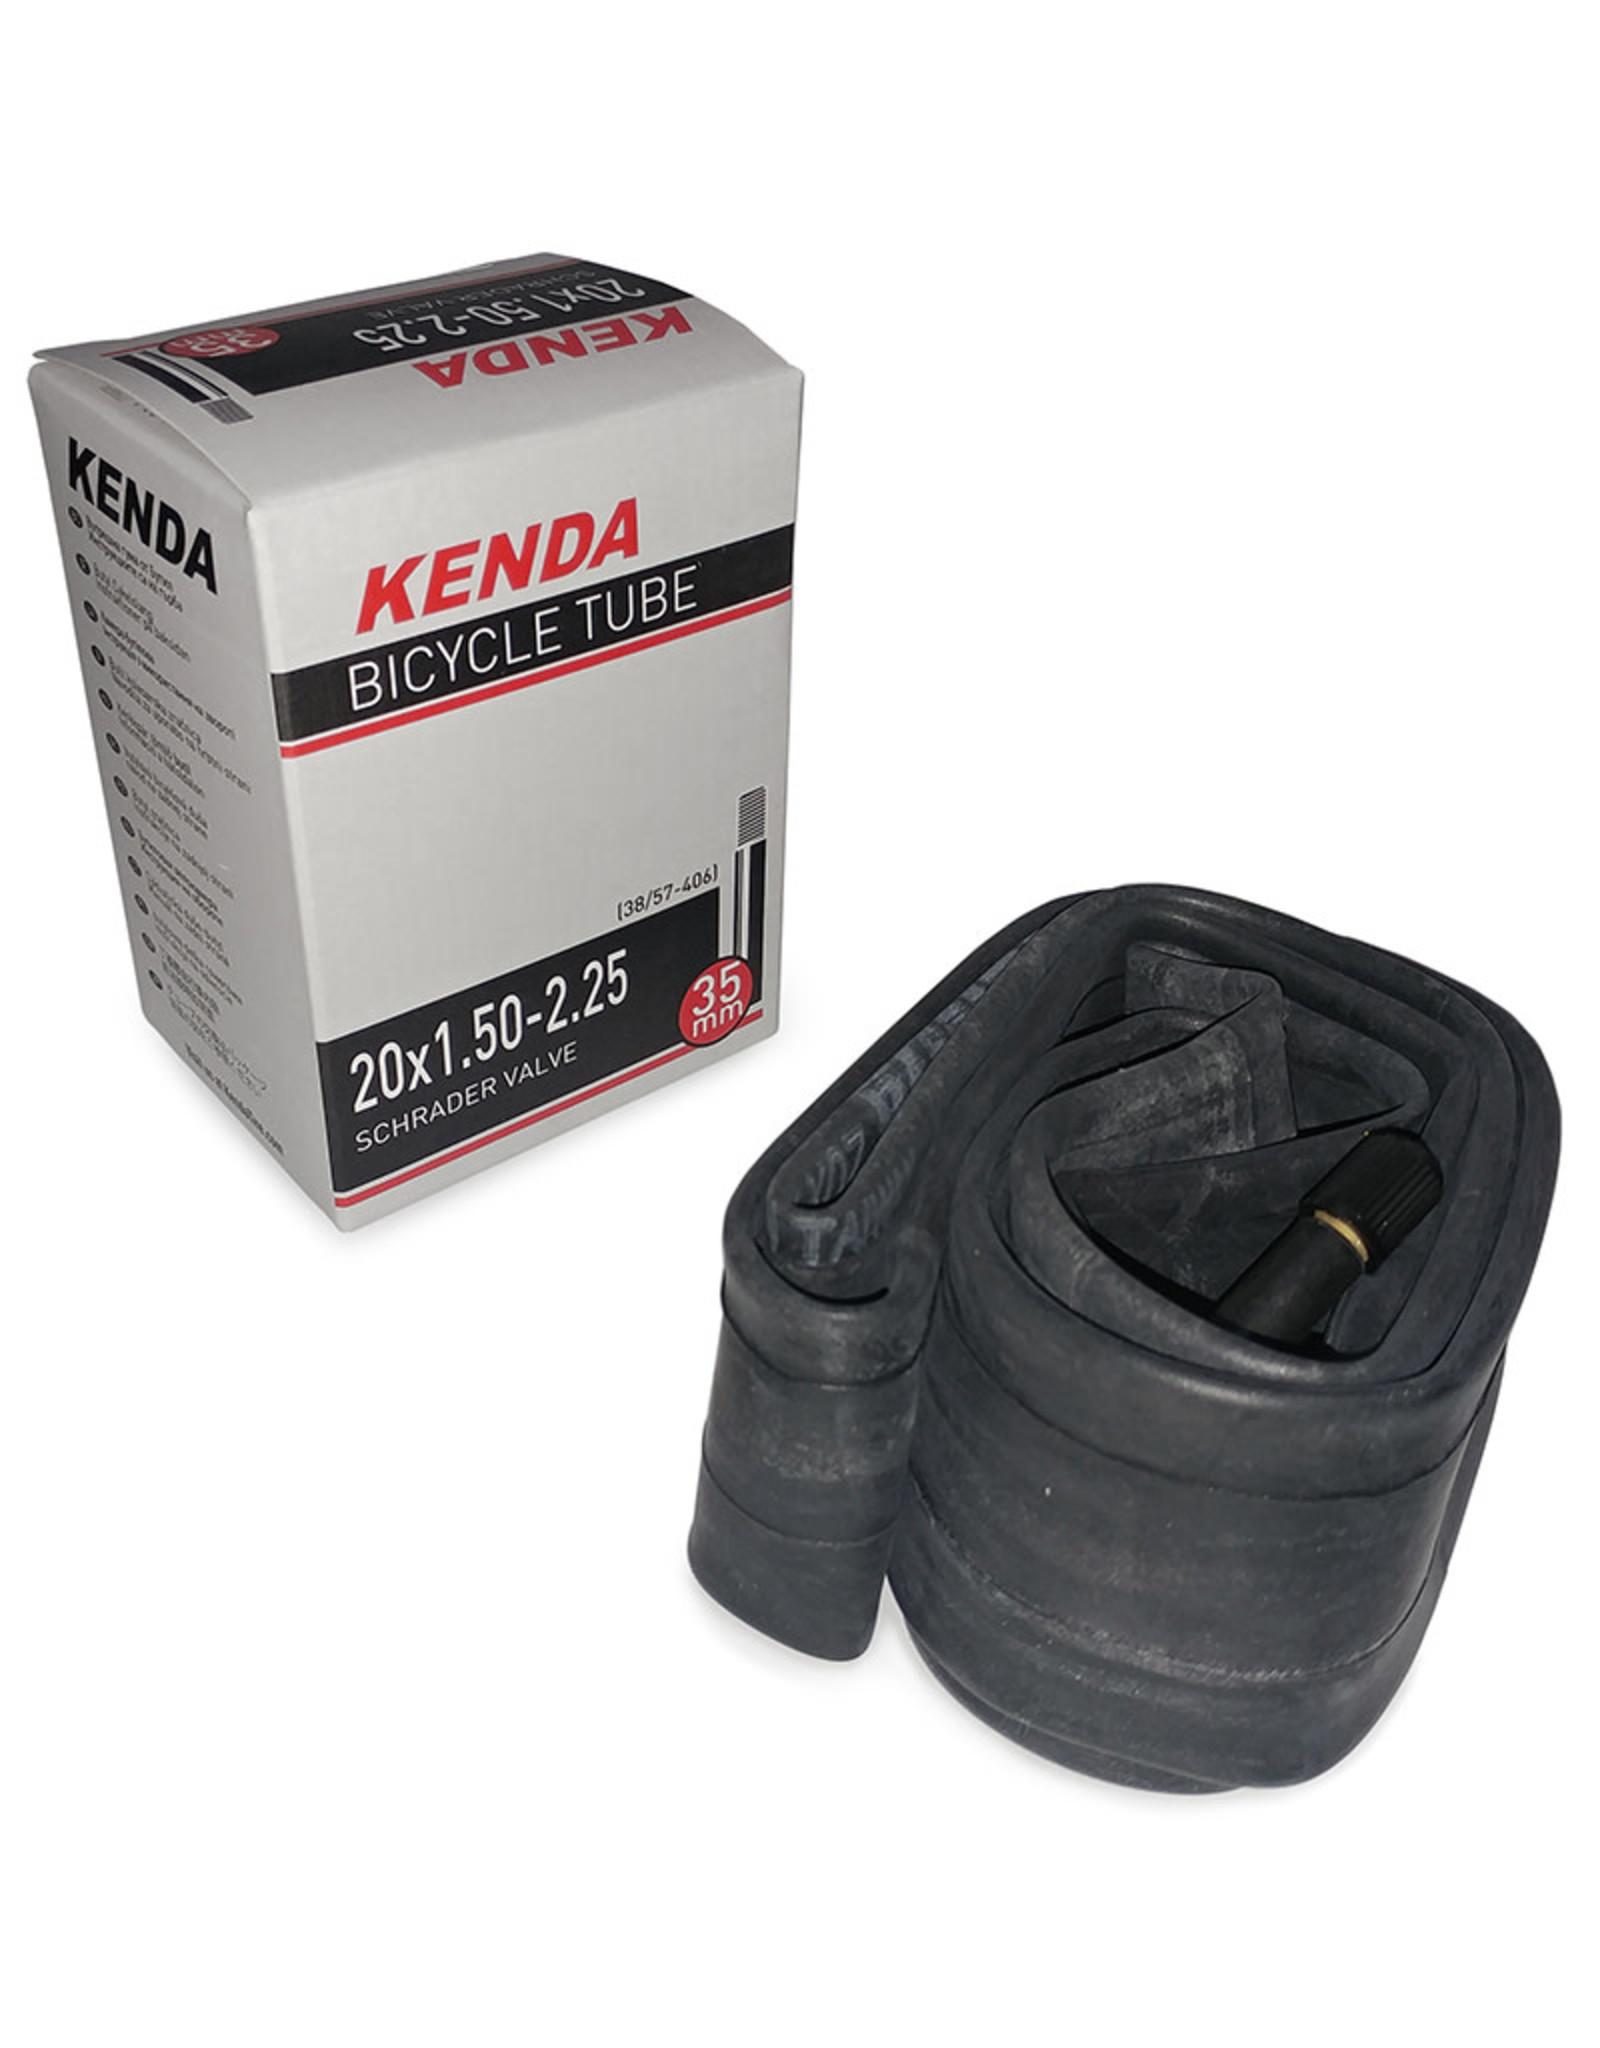 Kenda Chambre à air 20X1.50-2.25